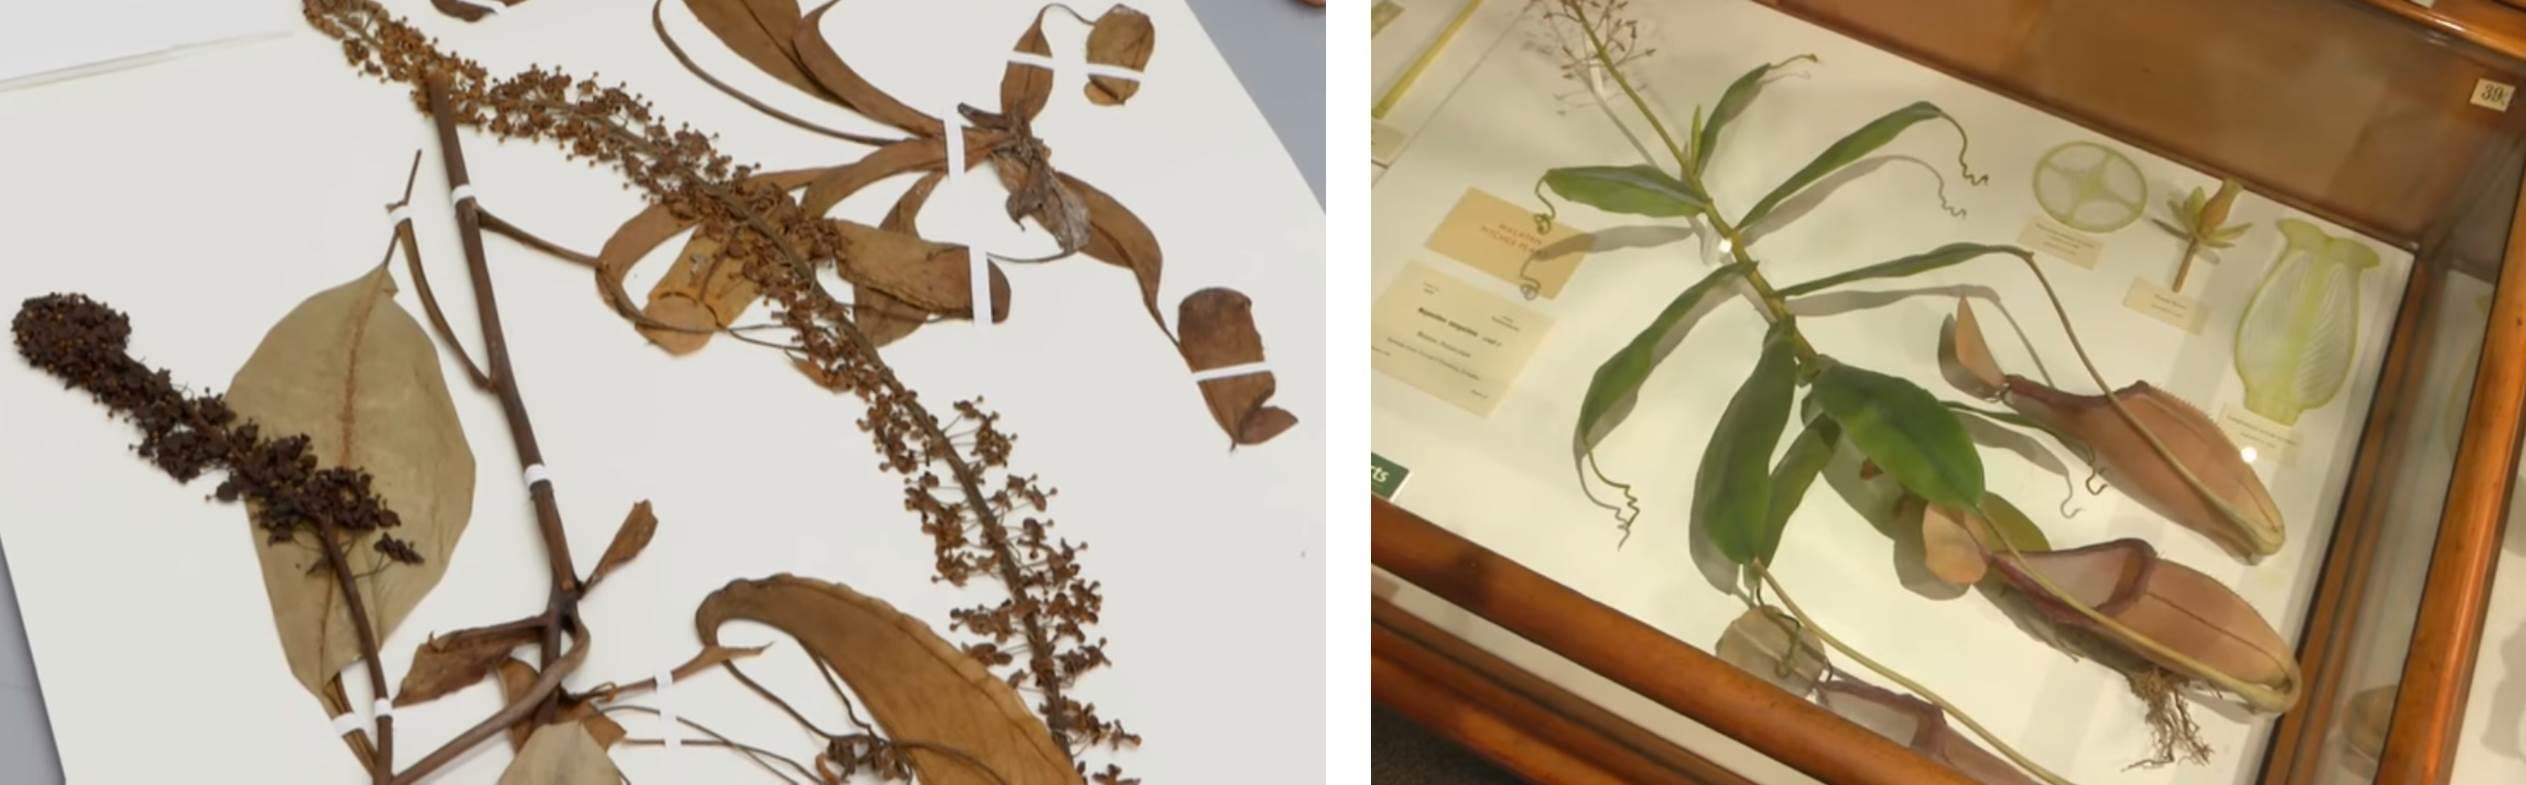 Muestra de herbario (izquierda) de una planta carnívora y la misma especie pero realizada por los Blaschka (derecha).  Tomado de HMNH.